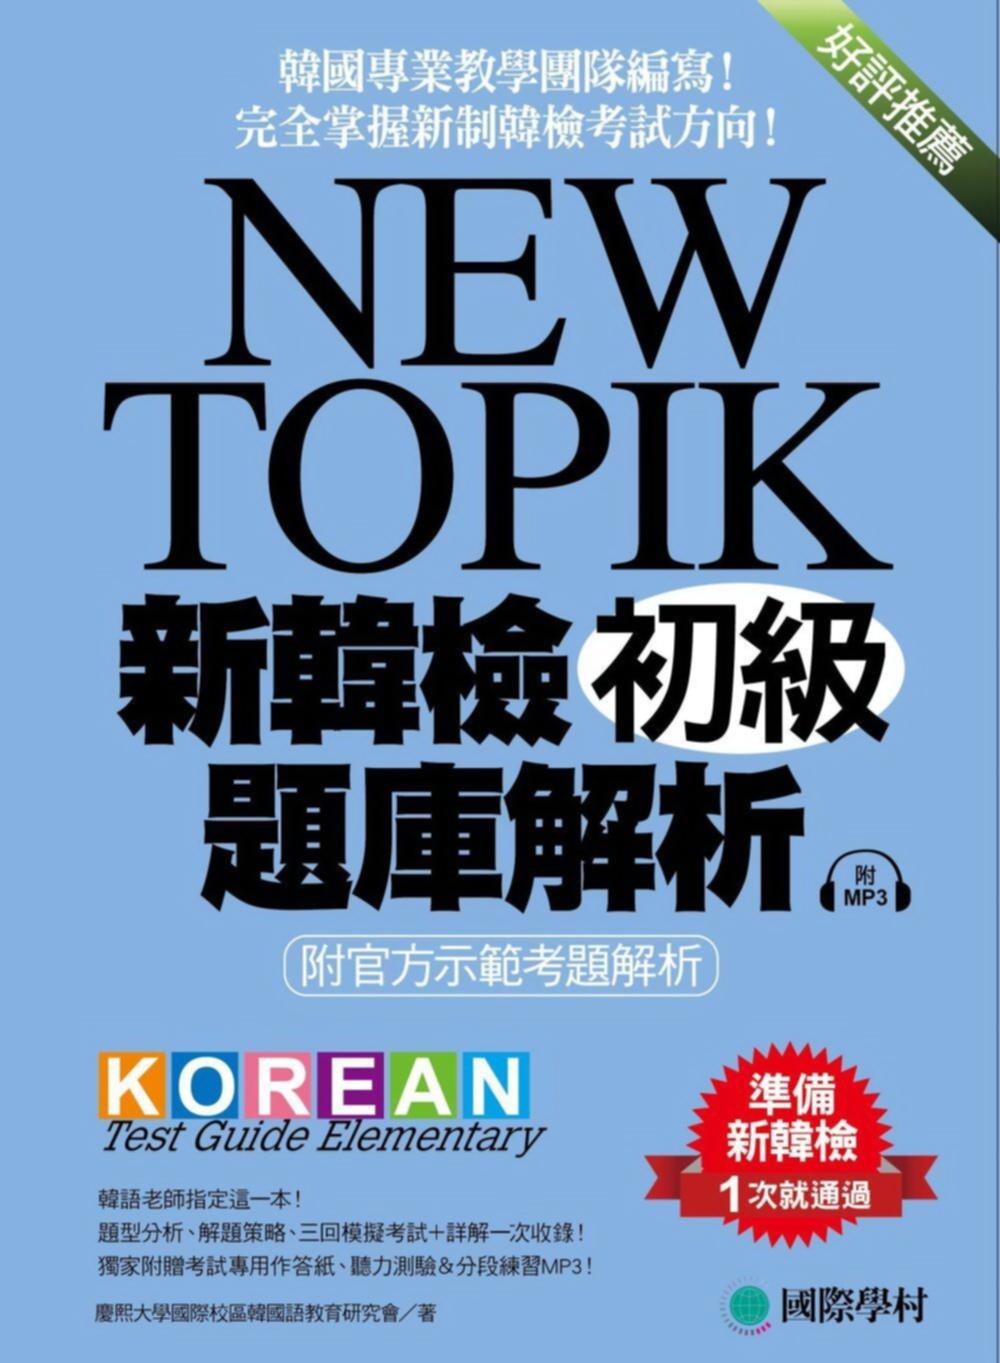 NEW TOPIK 新韓檢初級題庫解析:附官方示範考題解析,韓國專業教學團隊編寫,完全掌握新制韓檢考試方向! (附考試專用作答紙、聽力測驗MP3)